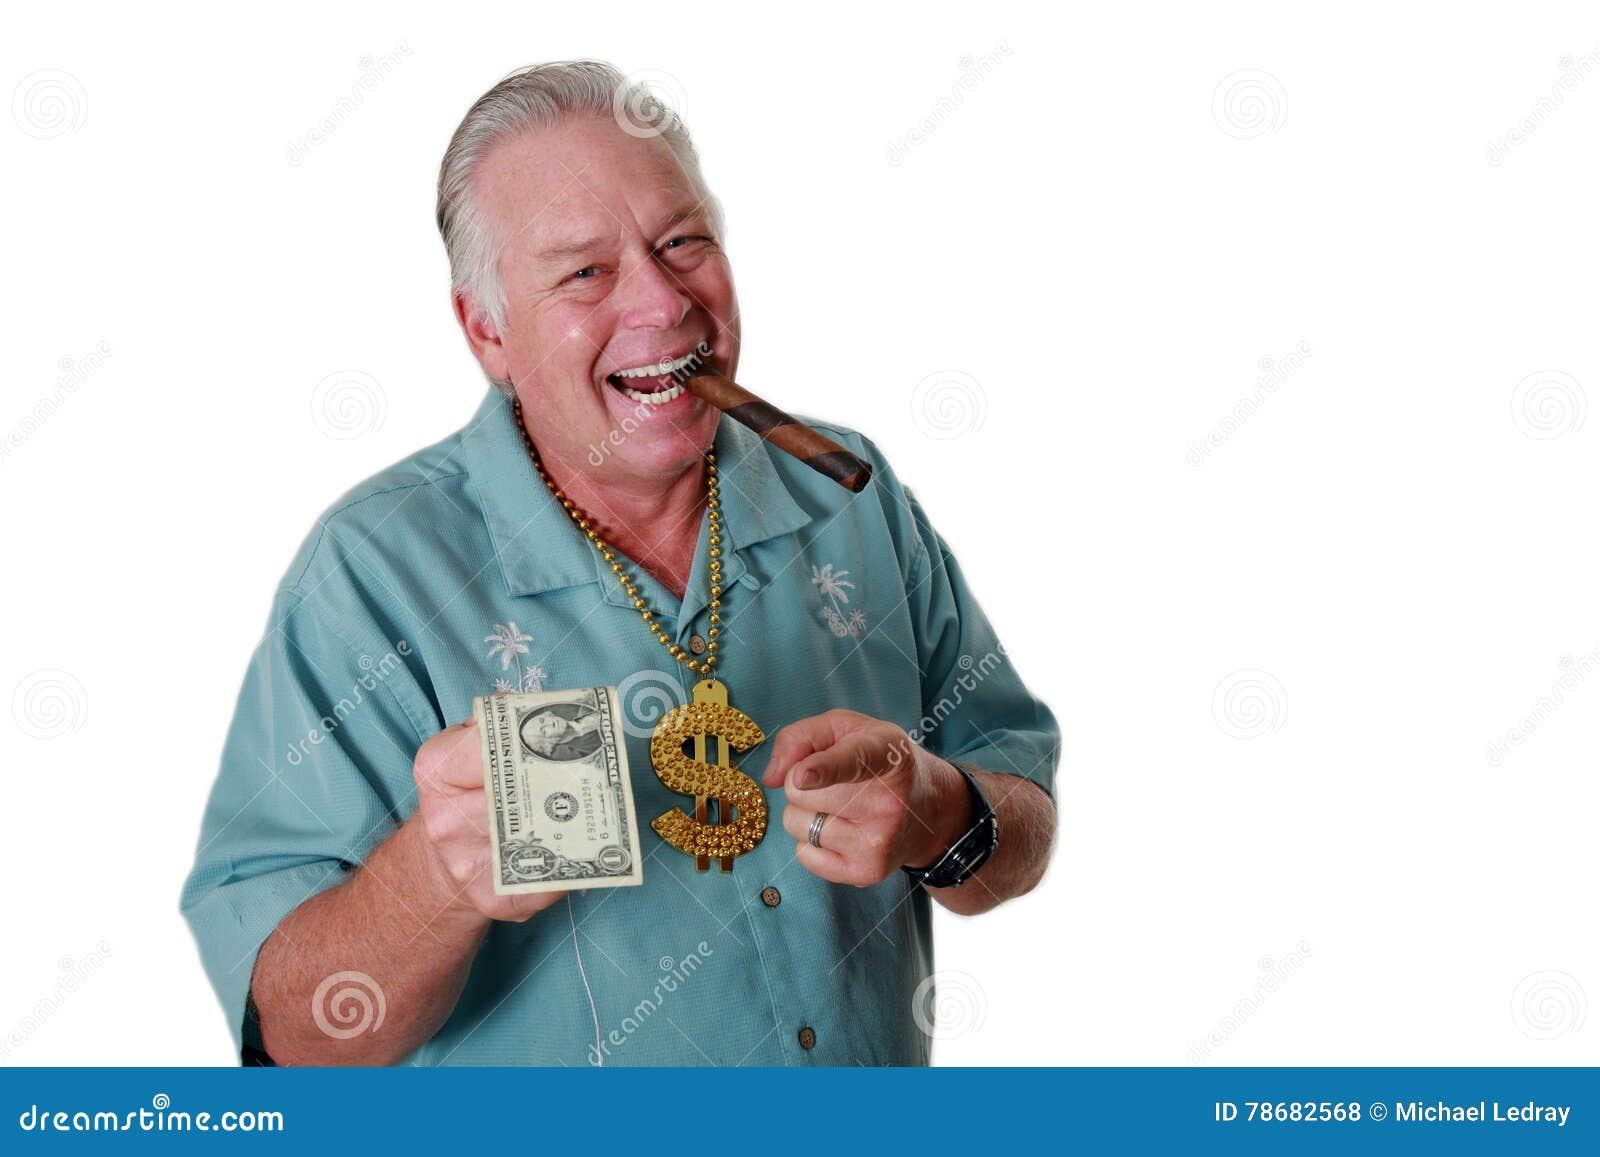 Ένα άτομο με τα χρήματα Ένα άτομο κερδίζει τα χρήματα Ένα άτομο έχει τα χρήματα Ένα άτομο ρουθουνίζει τα χρήματα Ένα άτομο αγαπά